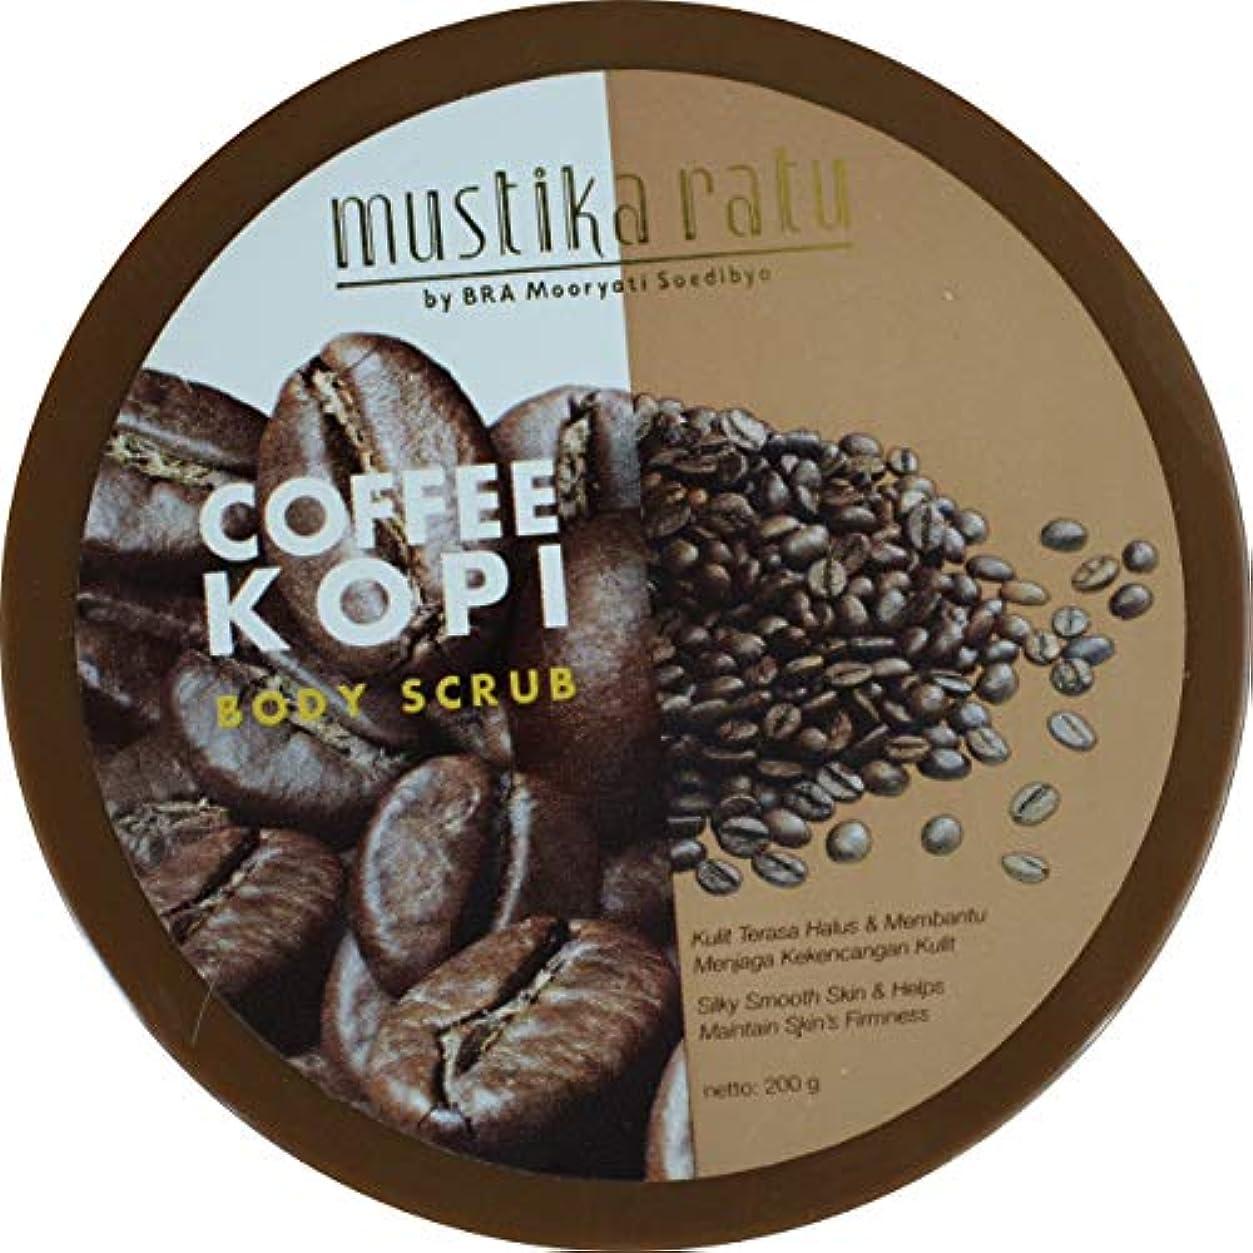 形式説明的懲らしめMustika Ratu インドネシア200グラム単位でのコーヒーボディスクラップ